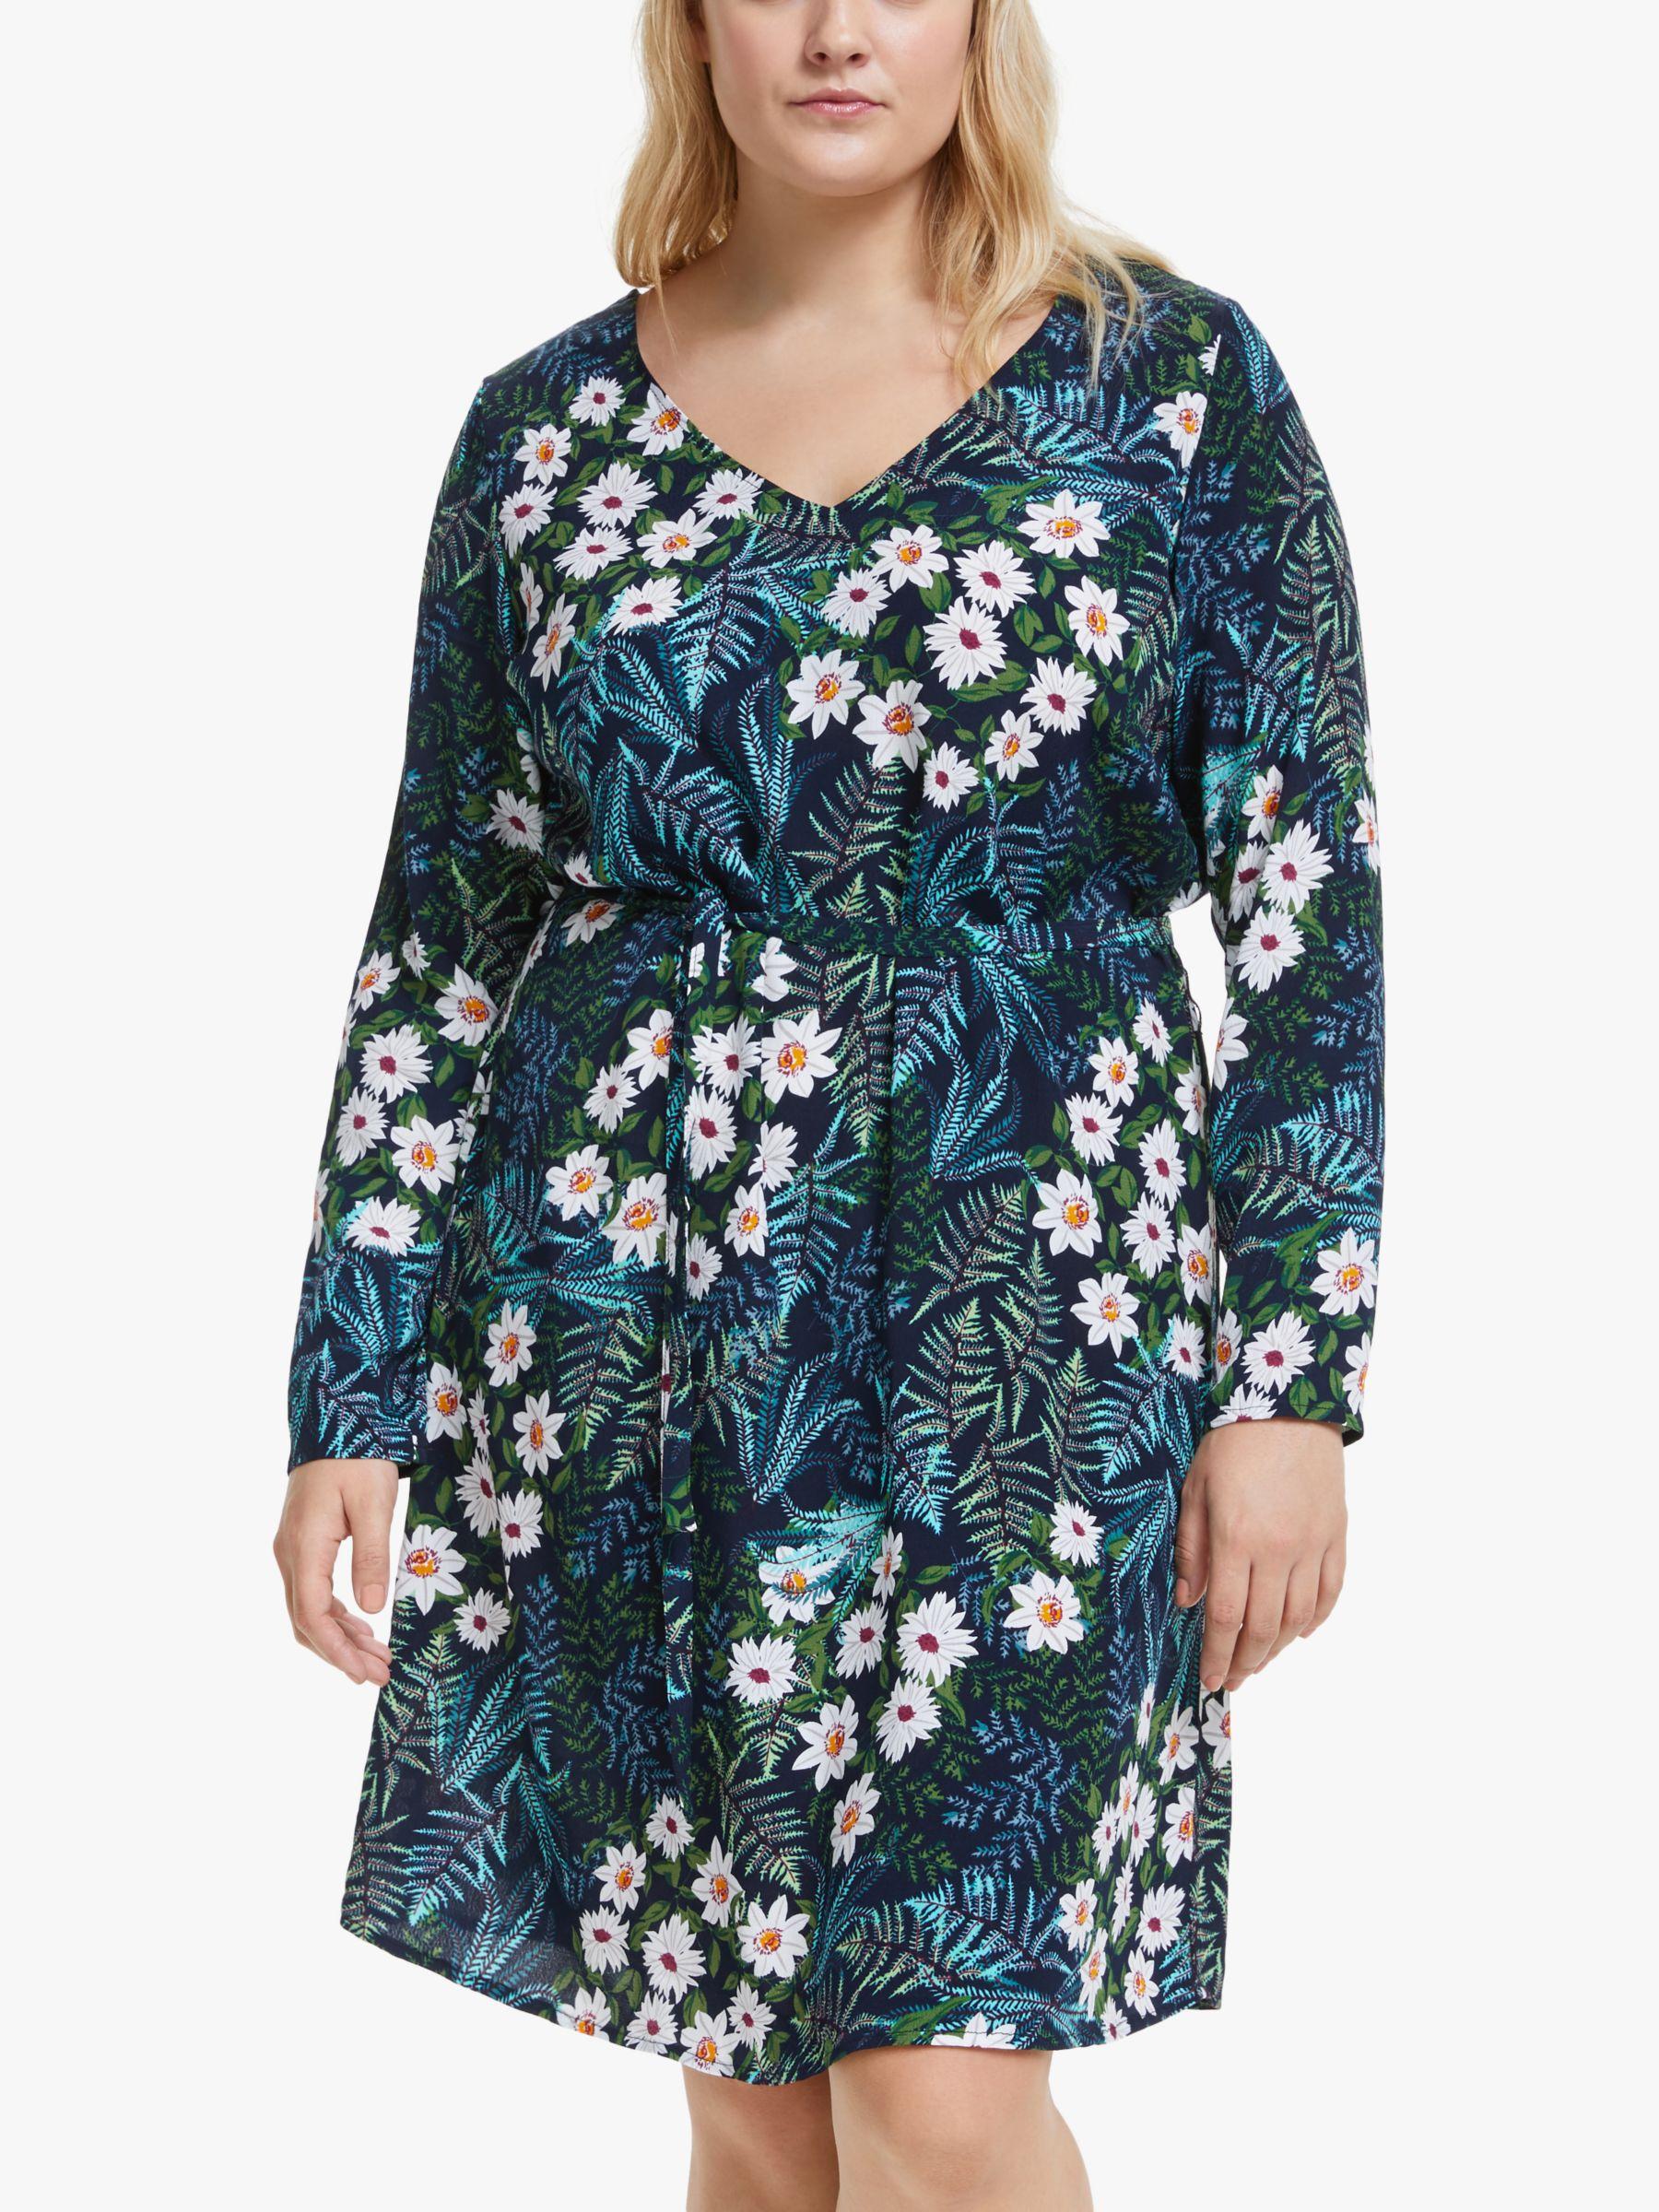 Junarose JUNAROSE Curve Karakeenan Floral Print Dress, Black